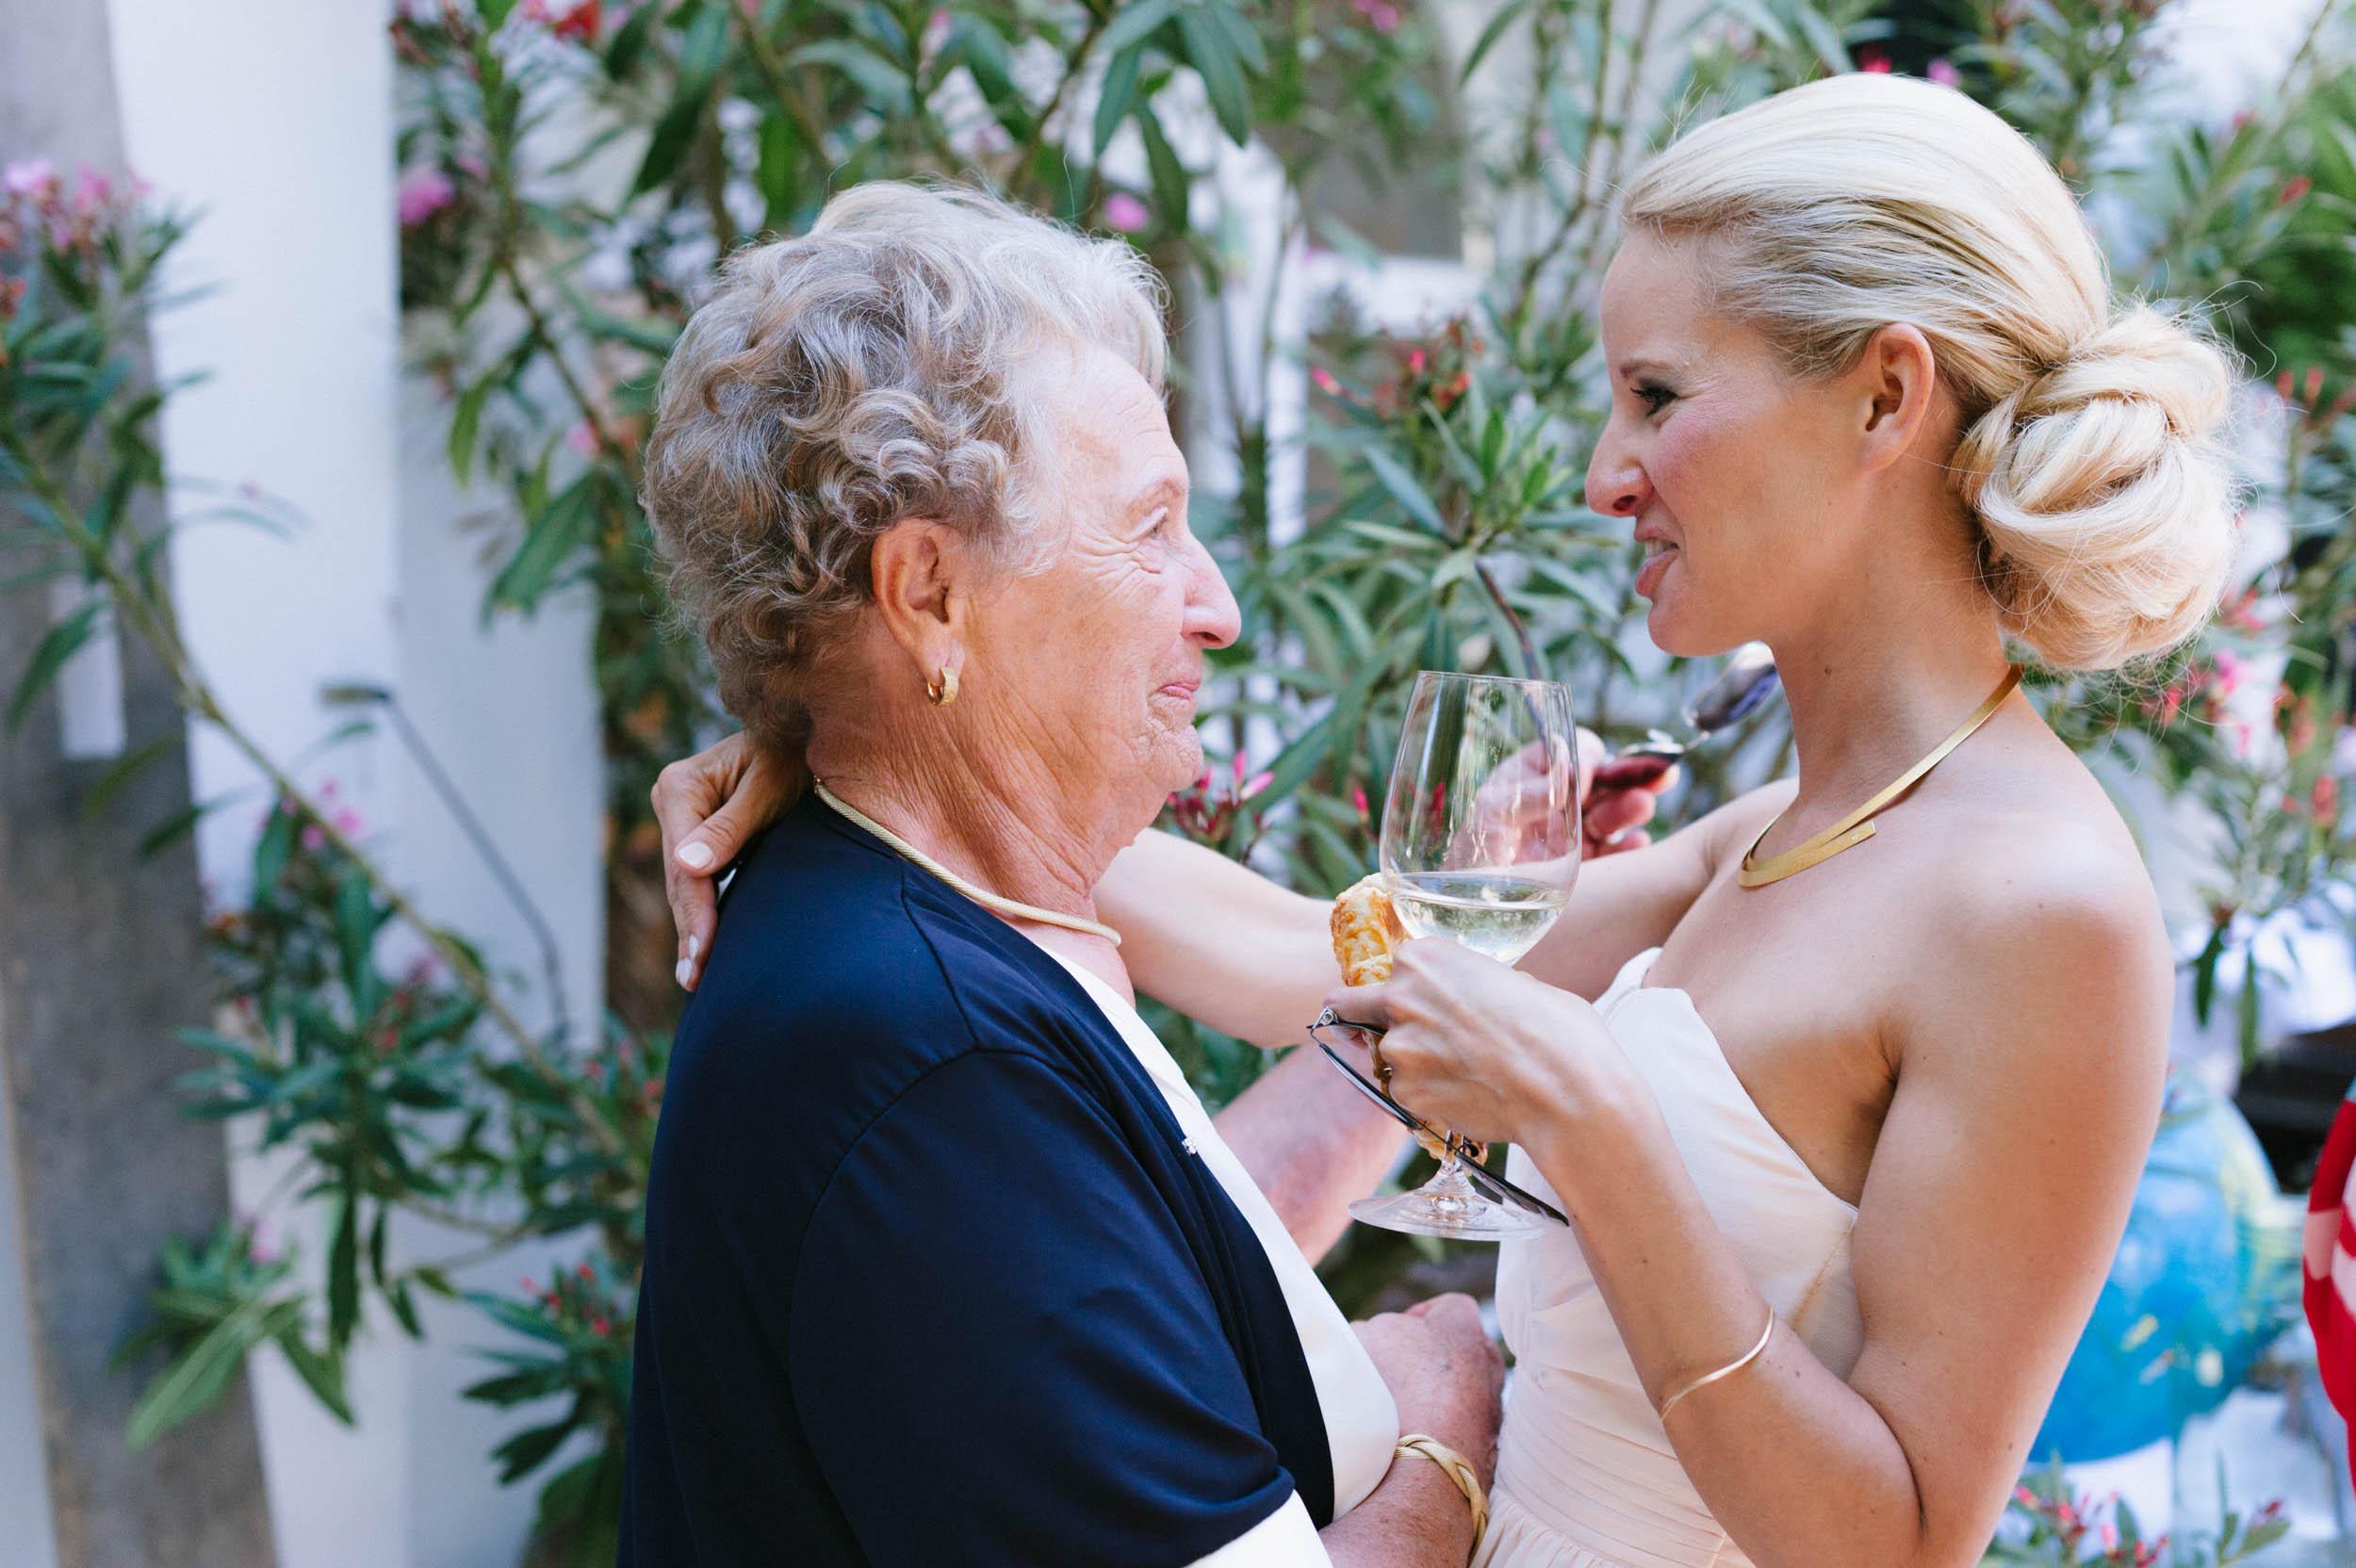 belle&sass__Hochzeit im Weingut Holzapfel_0032.jpg